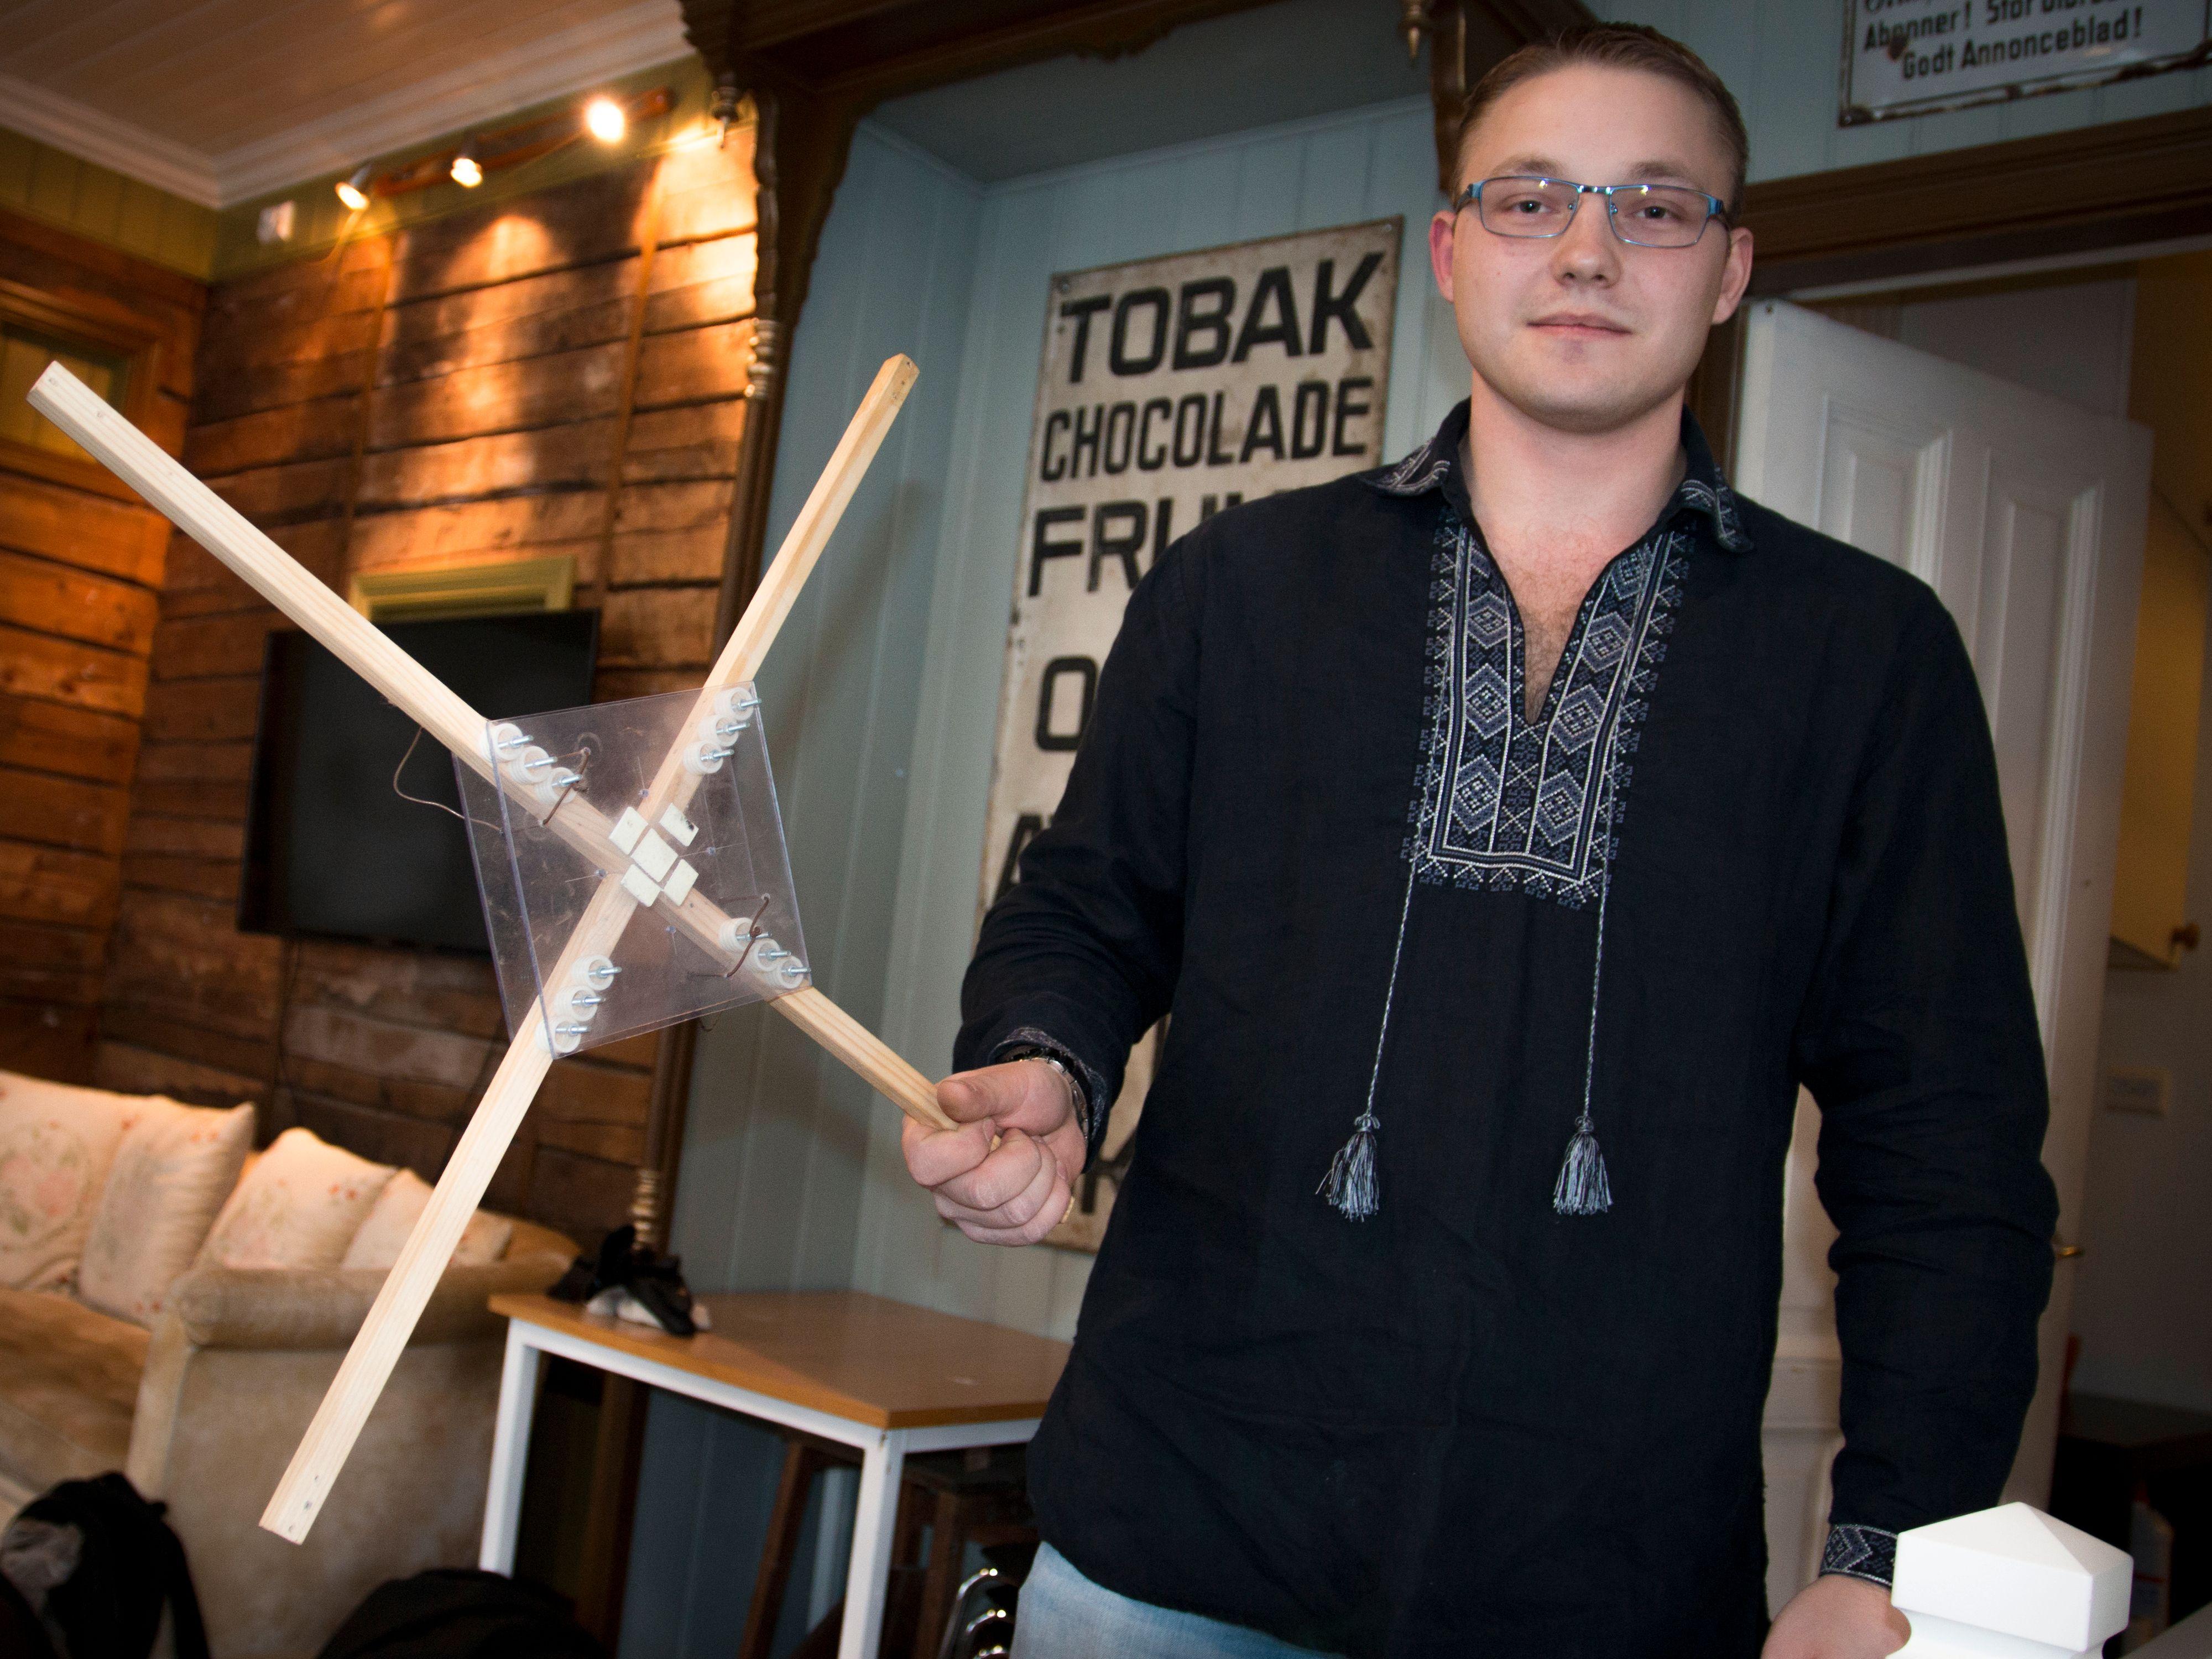 Rammeverket fra den første dronen Slettevoll laget. Foto: Kristoffer Møllevik